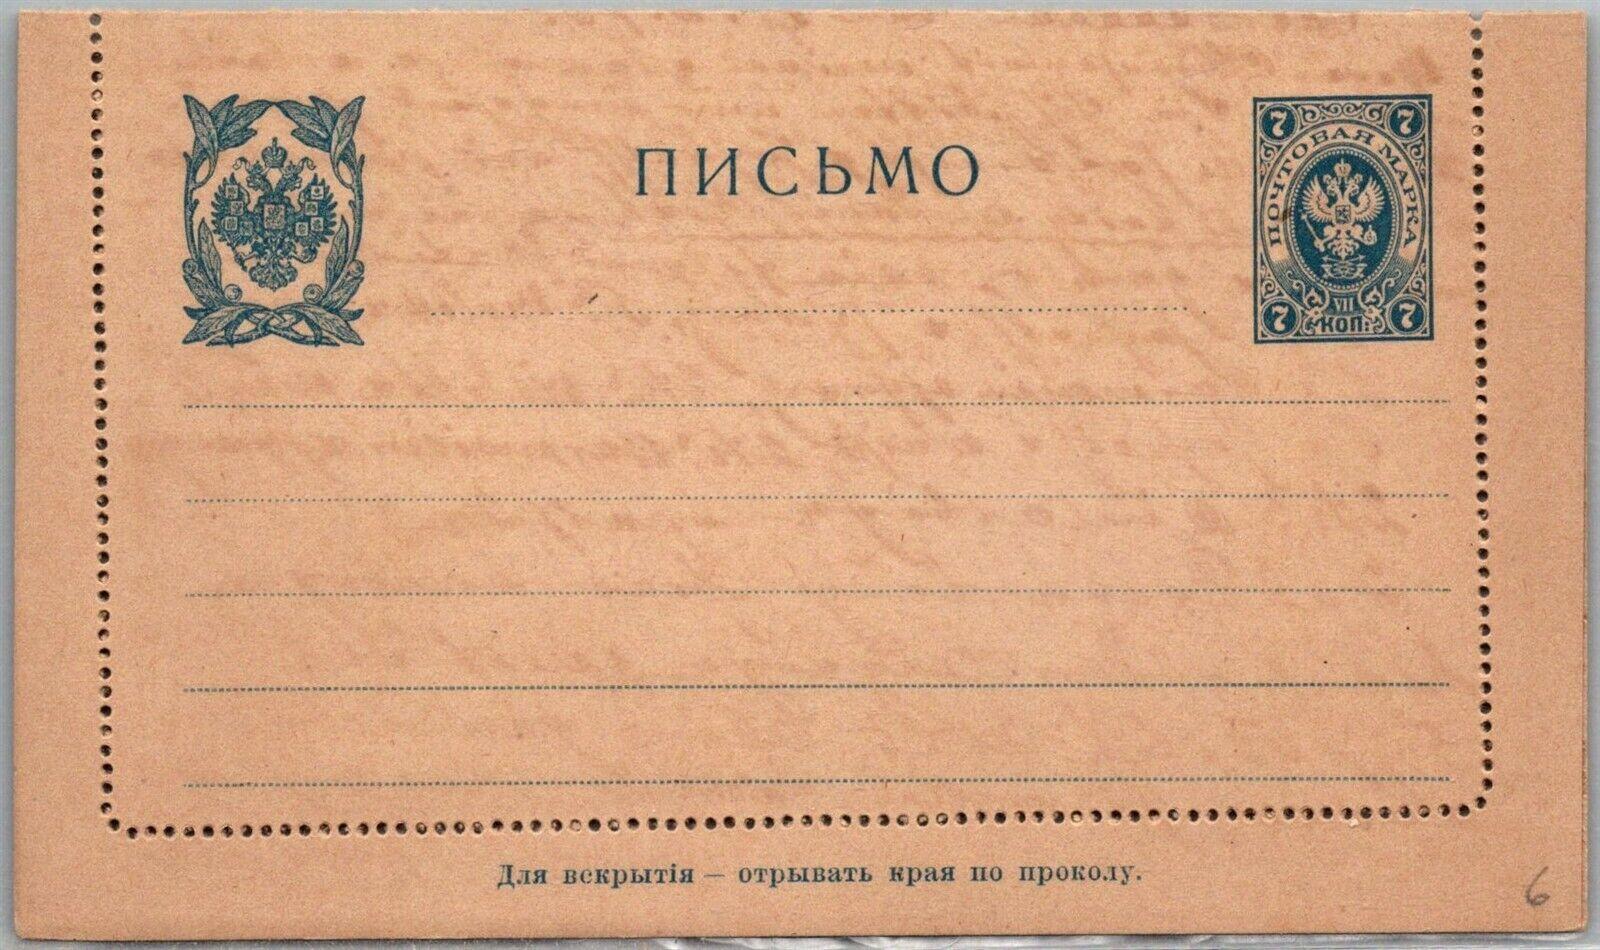 GP GOLDPATH RUSSIA POSTAL CARD MINT CV776 P01 - $1.00